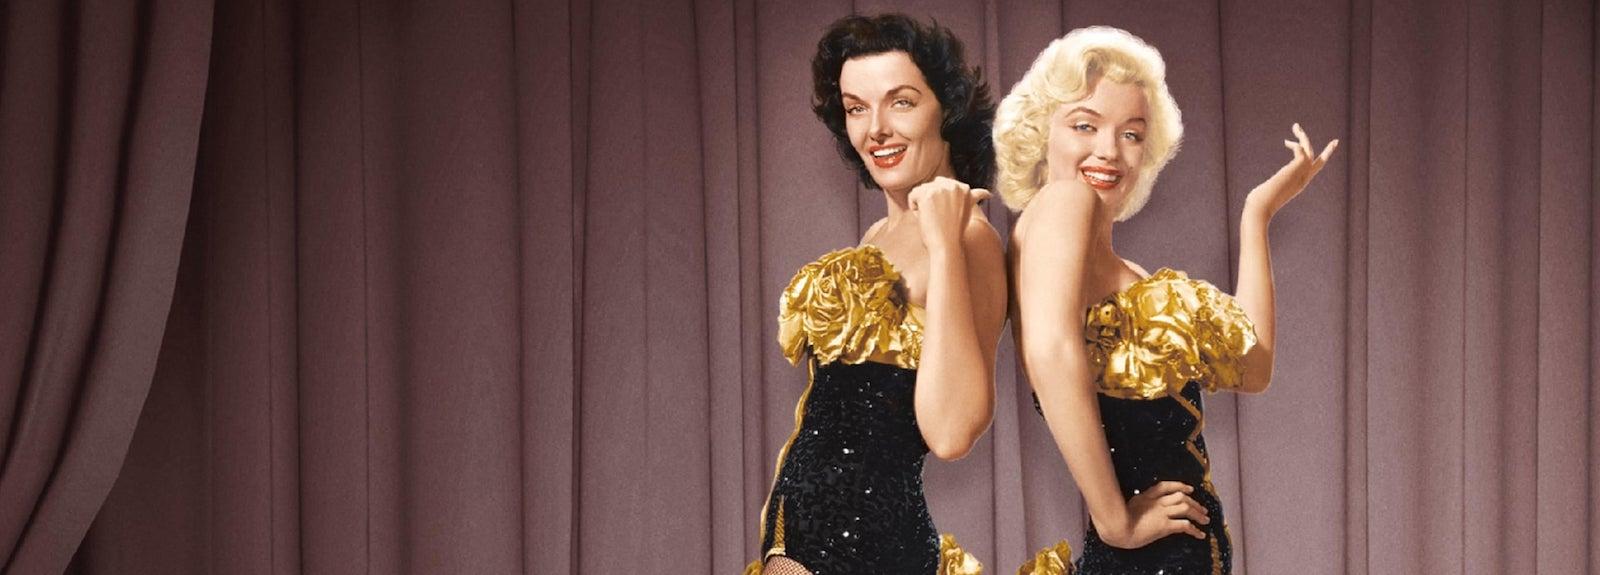 Jane Russell and Marilyn Monroe in Gentlemen Prefer Blondes